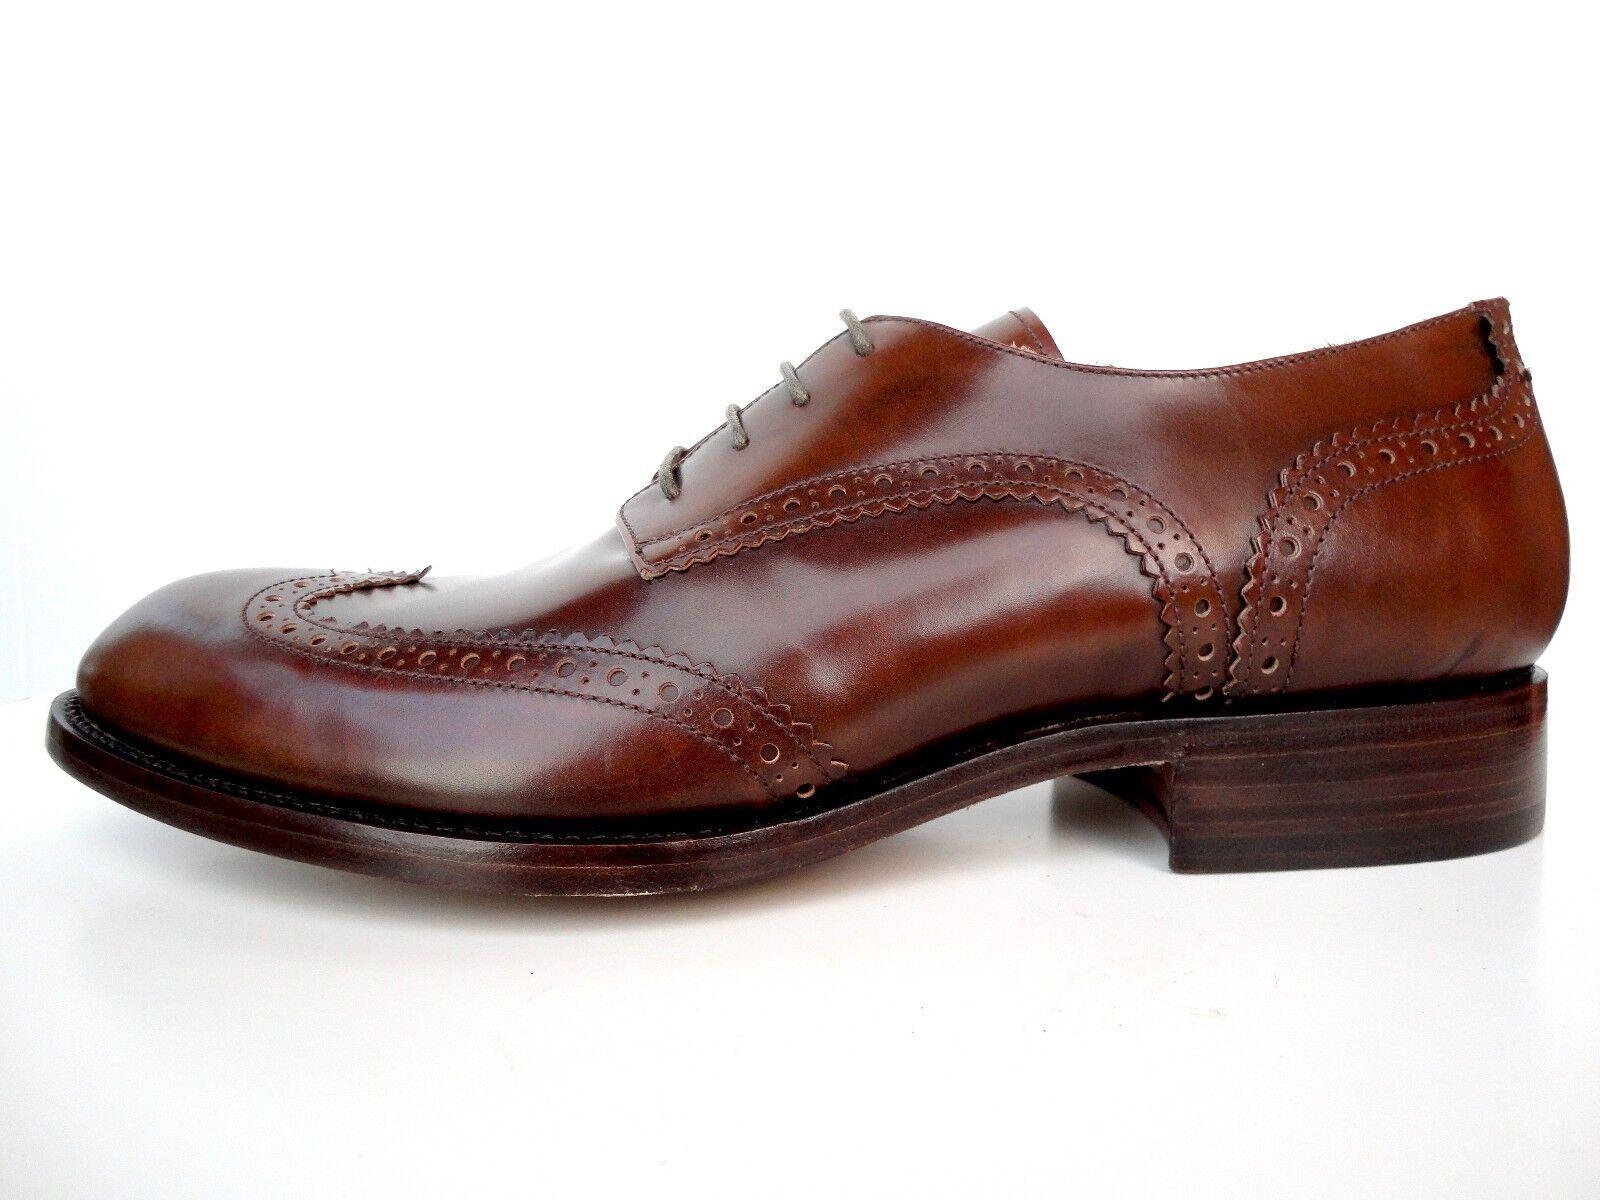 migliore offerta MADE TO ORDER ITALY CLASSIC CLASSIC CLASSIC scarpe HAND REAL LEATHER CUSTOM DARK Marrone 7-21 40-56  punto vendita